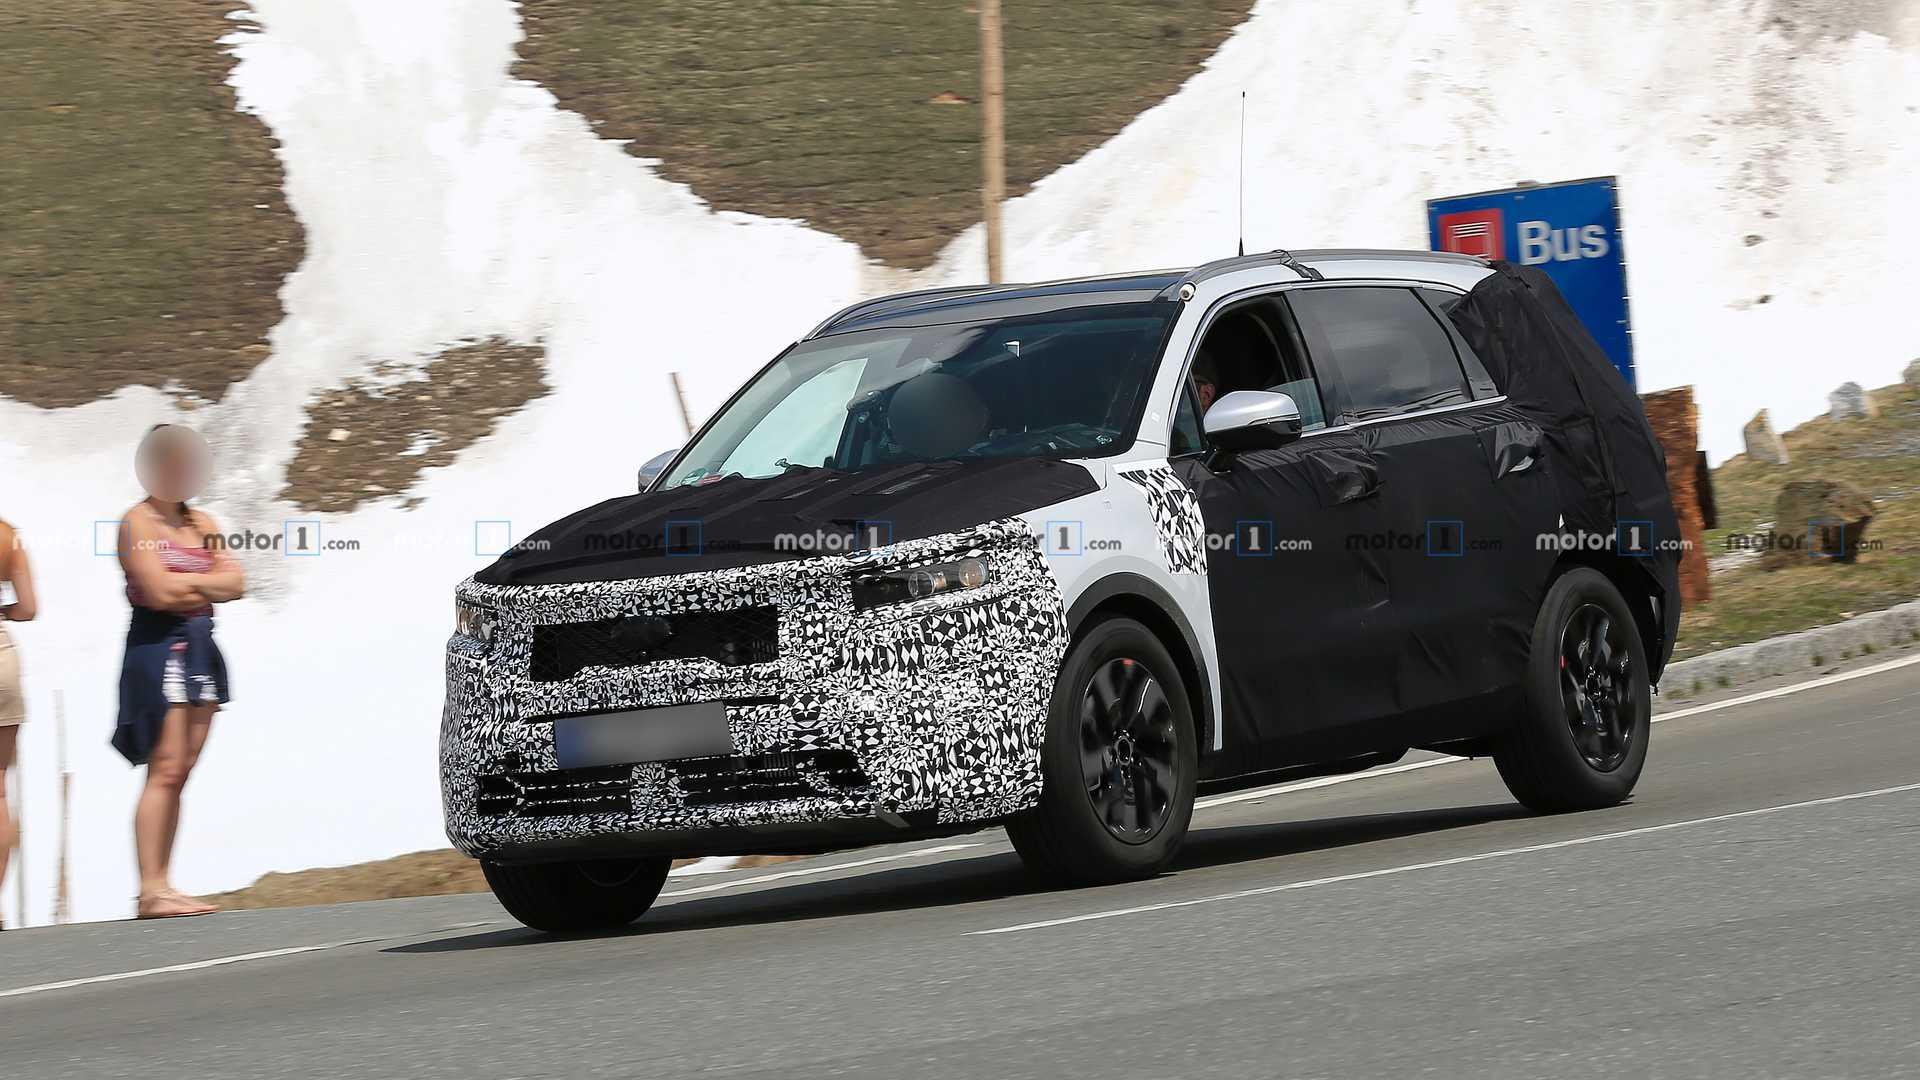 Южнокорейский автопроизводитель «Киа» привез в Альпы новое поколение Sorеnto для серии испытаний